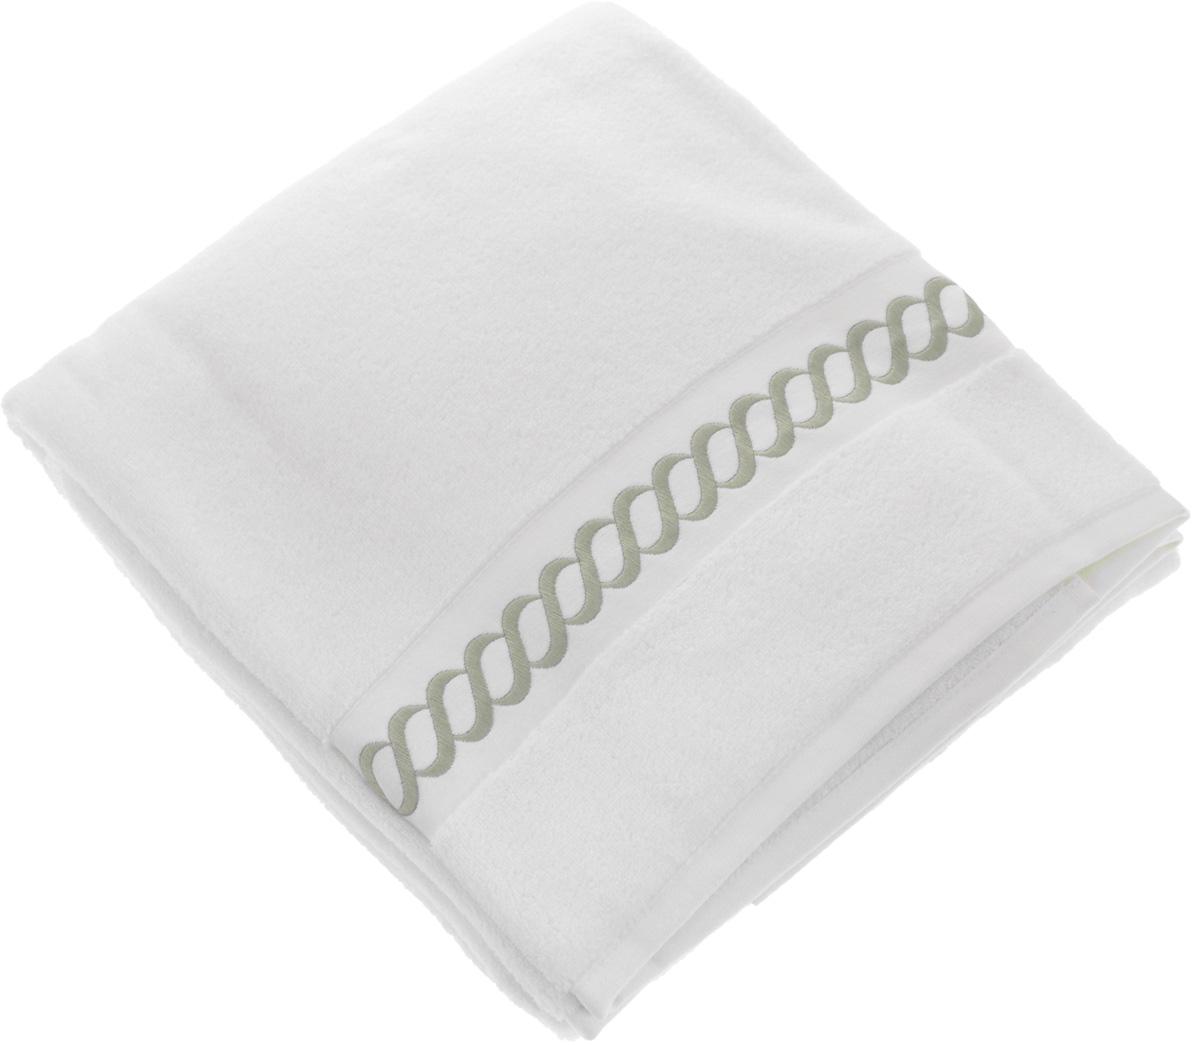 Полотенце махровое Issimo Home Pauline, цвет: белый, бежевый, 90 x 150 см68/5/1Полотенце Issimo Home Pauline выполнено из натуральной махровой ткани (100% хлопок). Изделие отлично впитывает влагу, быстро сохнет и не теряет форму даже после многократных стирок. Рекомендации по уходу:- режим стирки при 40°C,- допускается обычная химчистка,- отбеливание запрещено,- глажка при температуре подошвы утюга до 110°С,- барабанный отжим запрещен.Размер полотенца: 90 x 150 см.